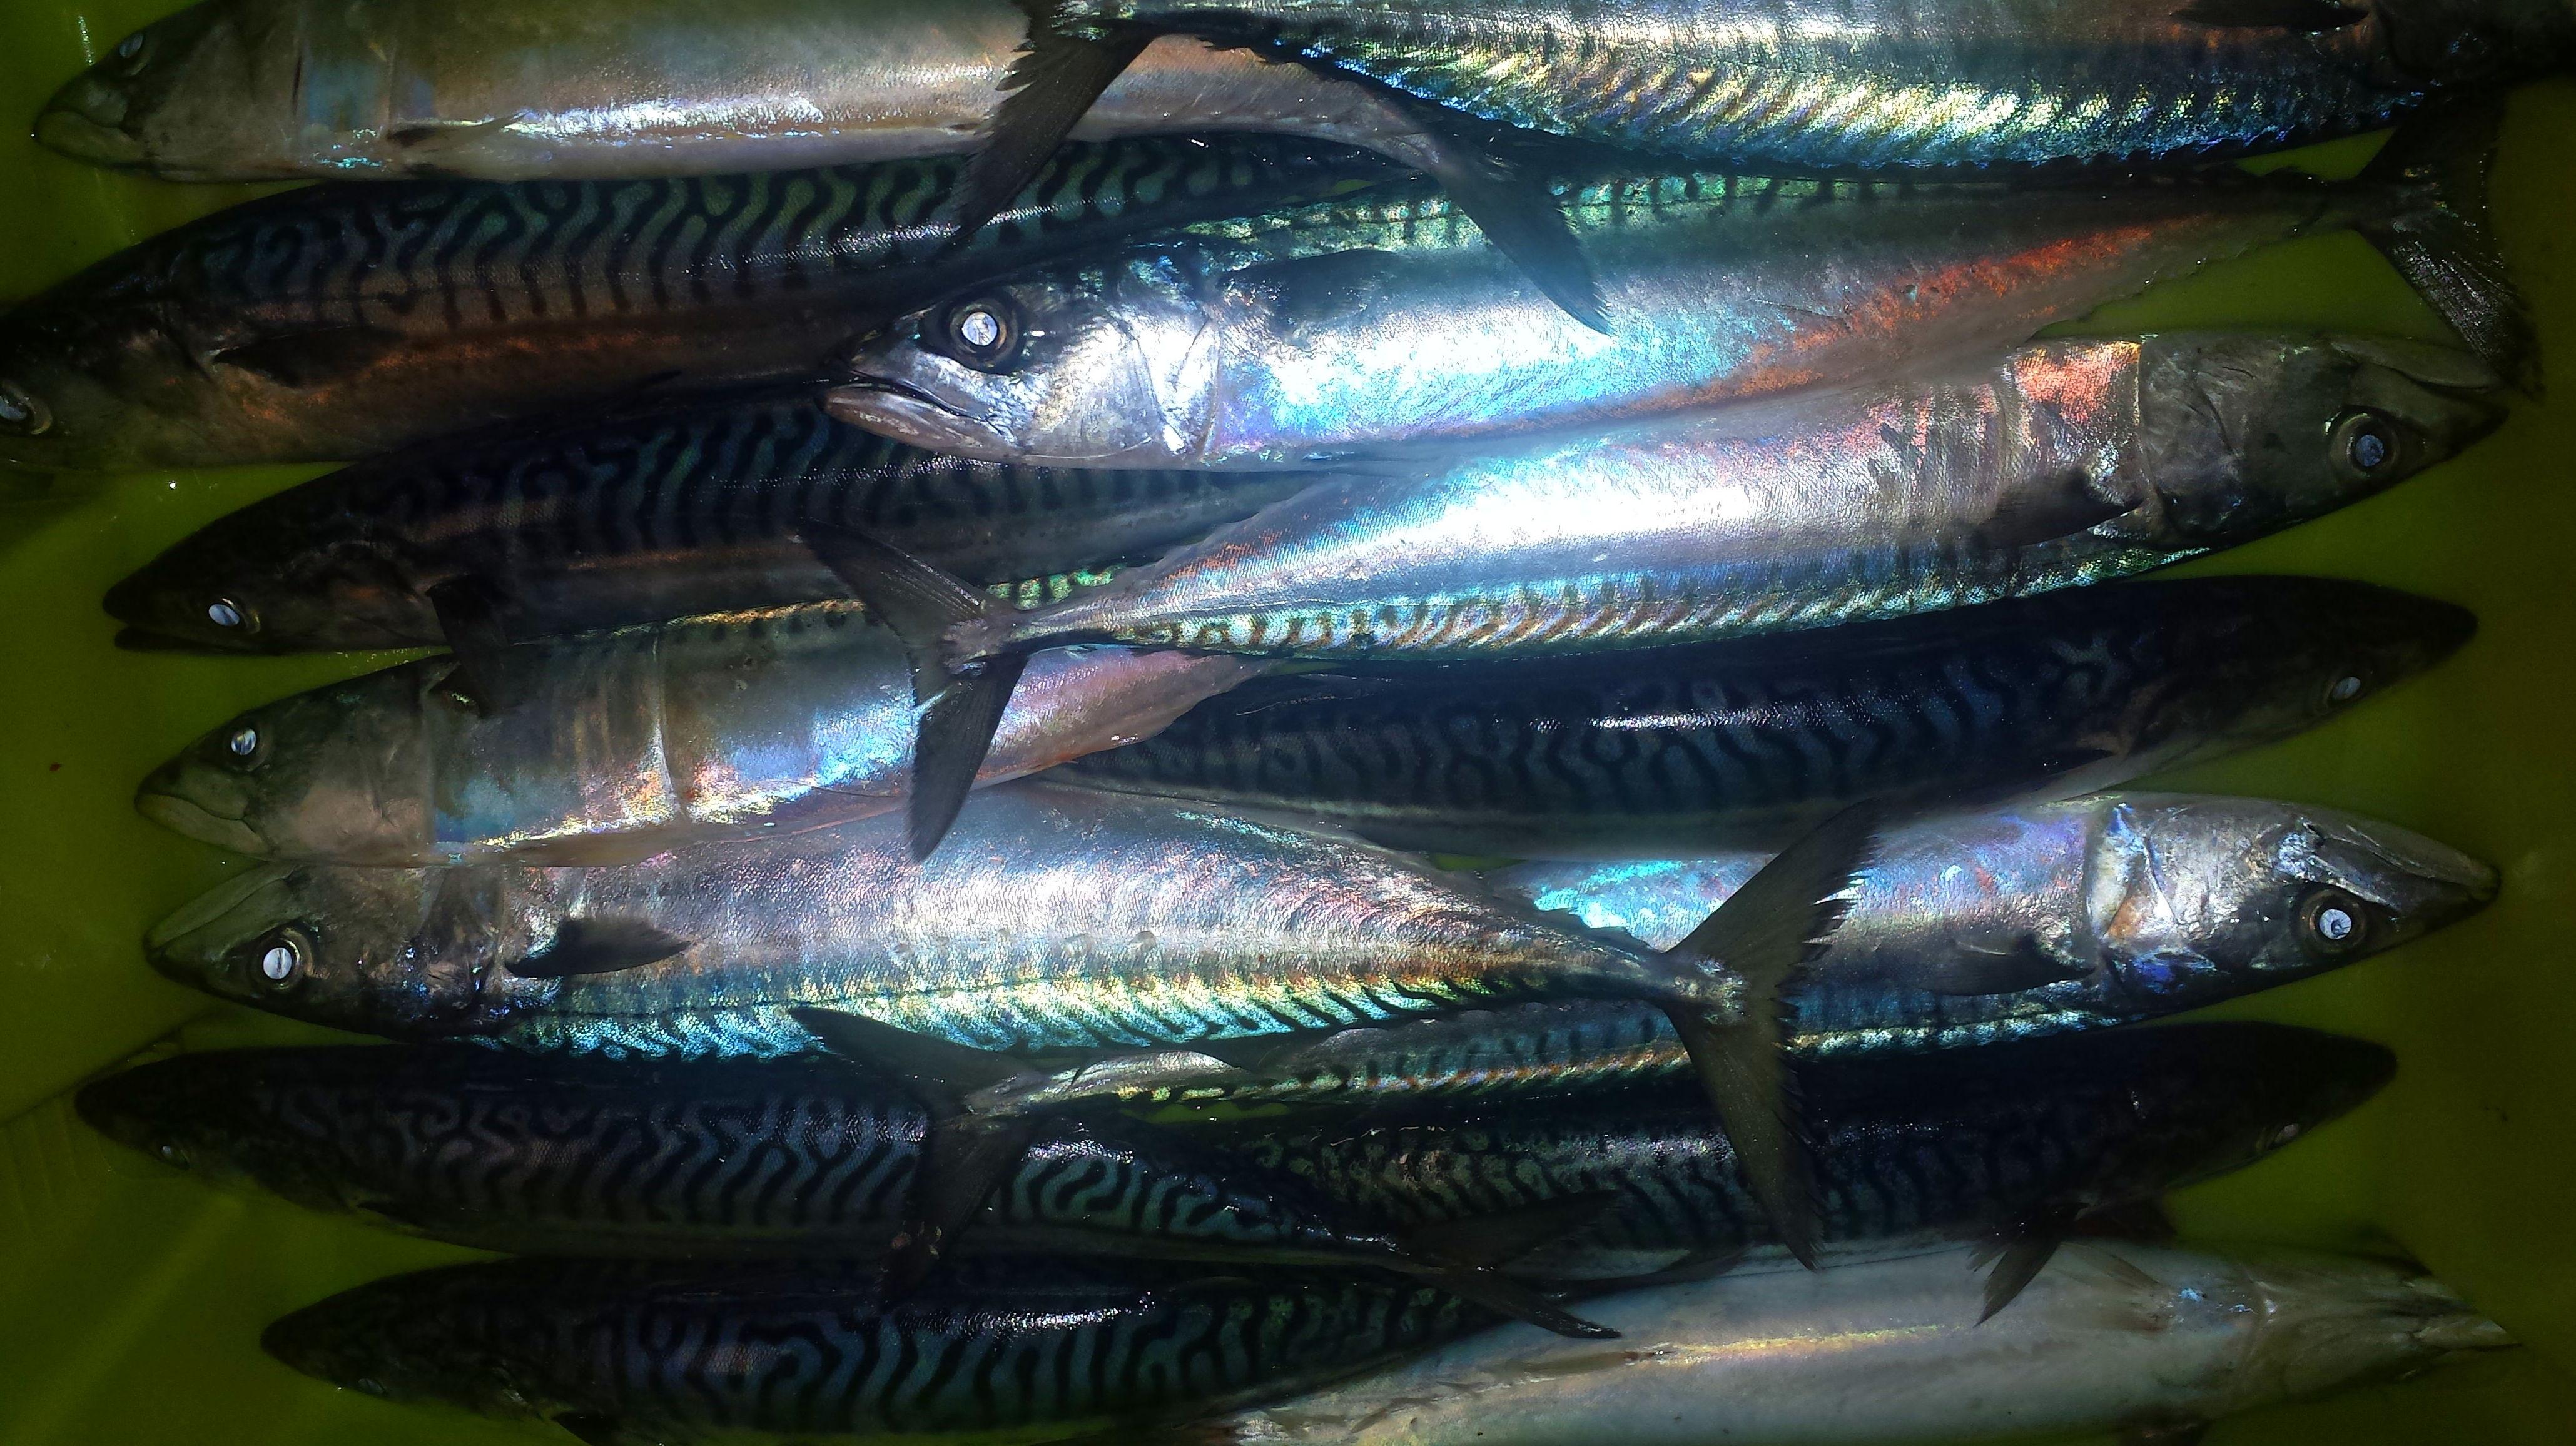 Foto 52 de Venta y distribución de pescados y mariscos del Cantábrico en Gijón | Pescastur